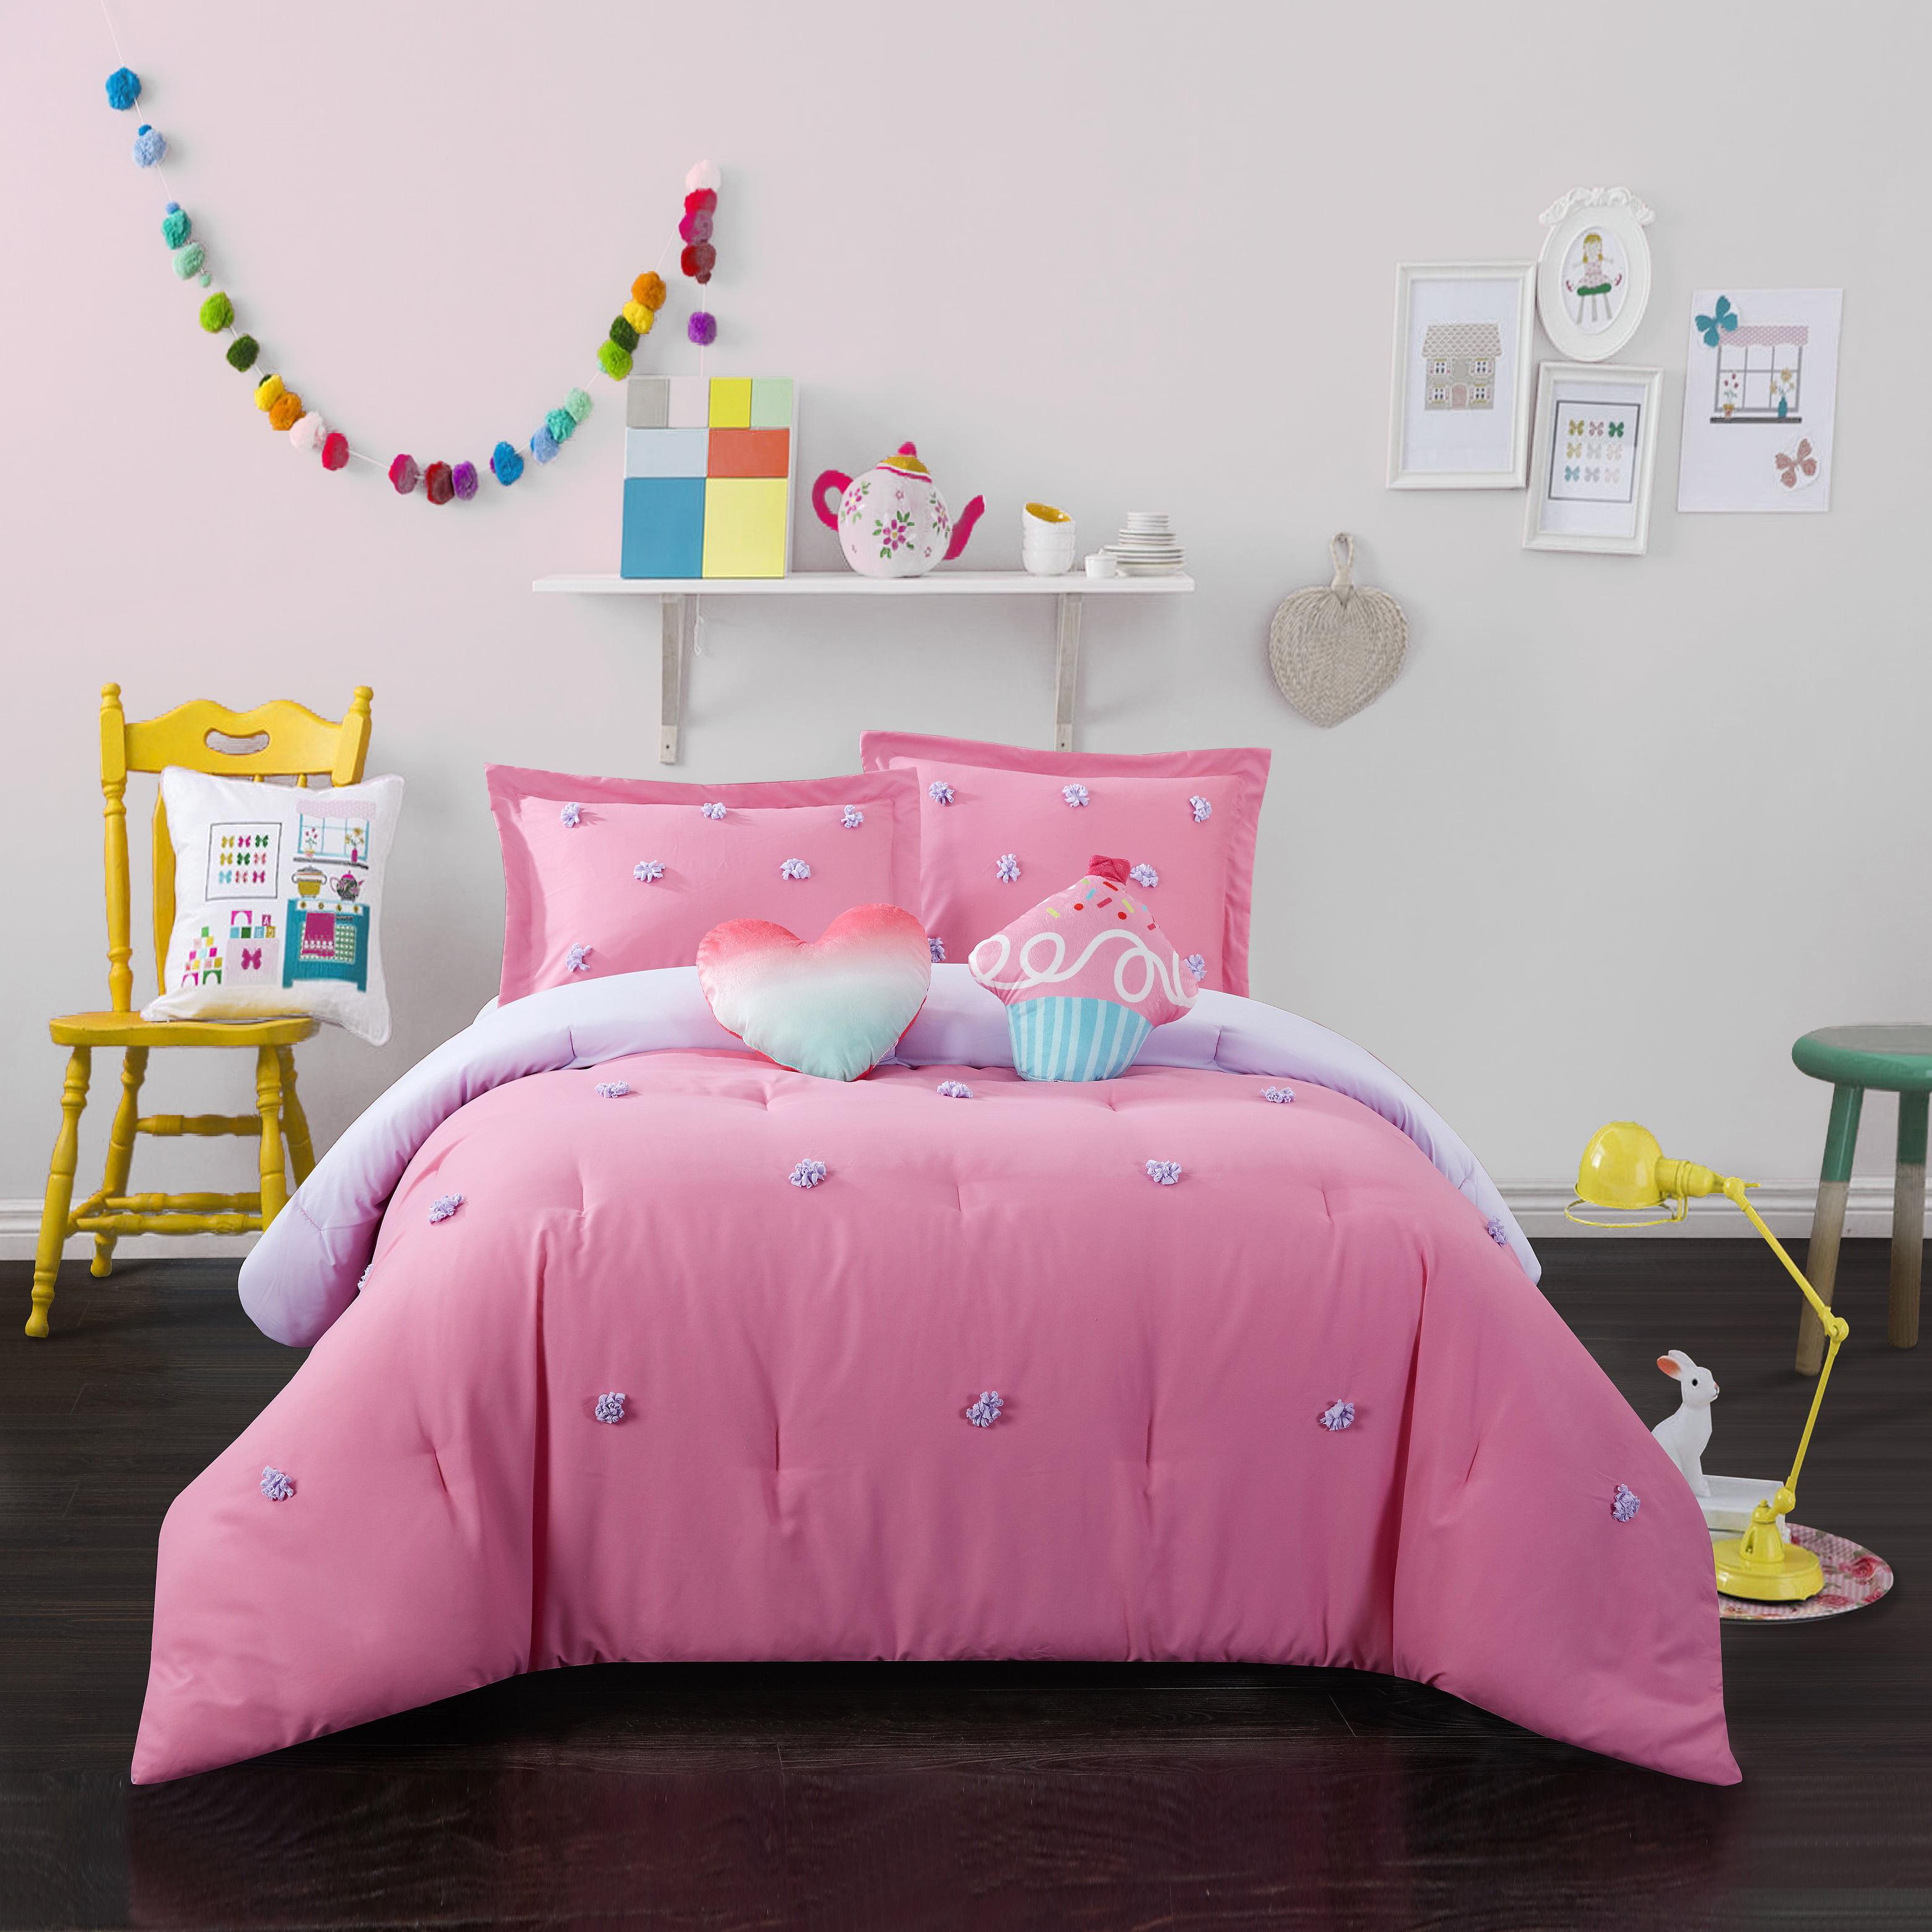 Better Homes & Gardens Kids Pom Pom Comforter Set